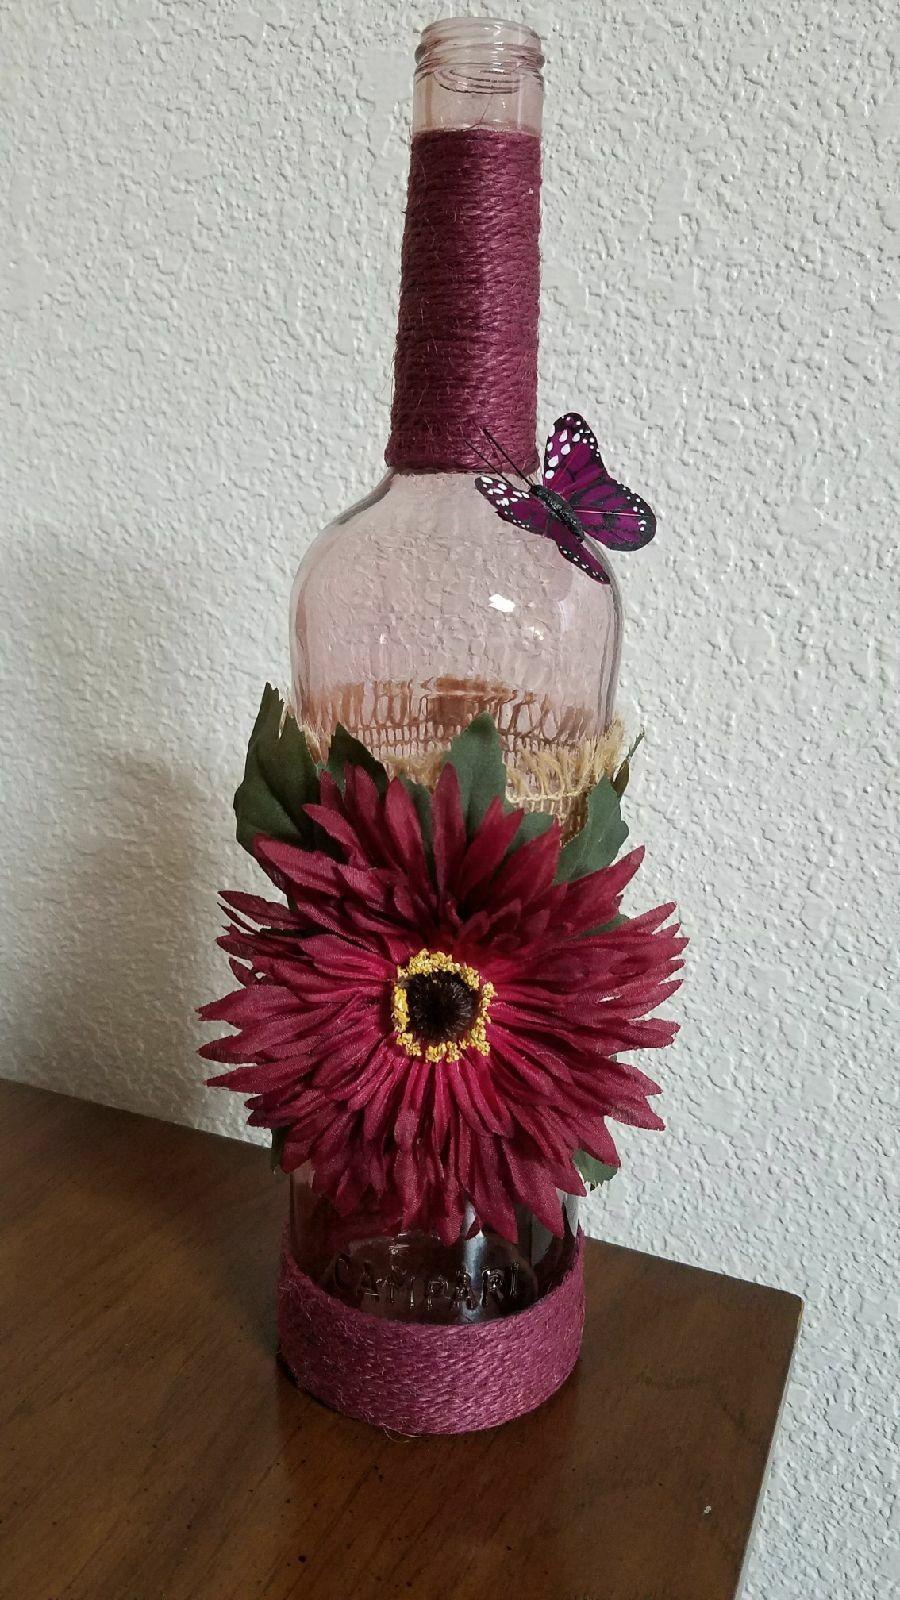 Tinted Wine Colored Bottle Wine Bottle Diy Crafts Bottles Decoration Wine Bottle Crafts